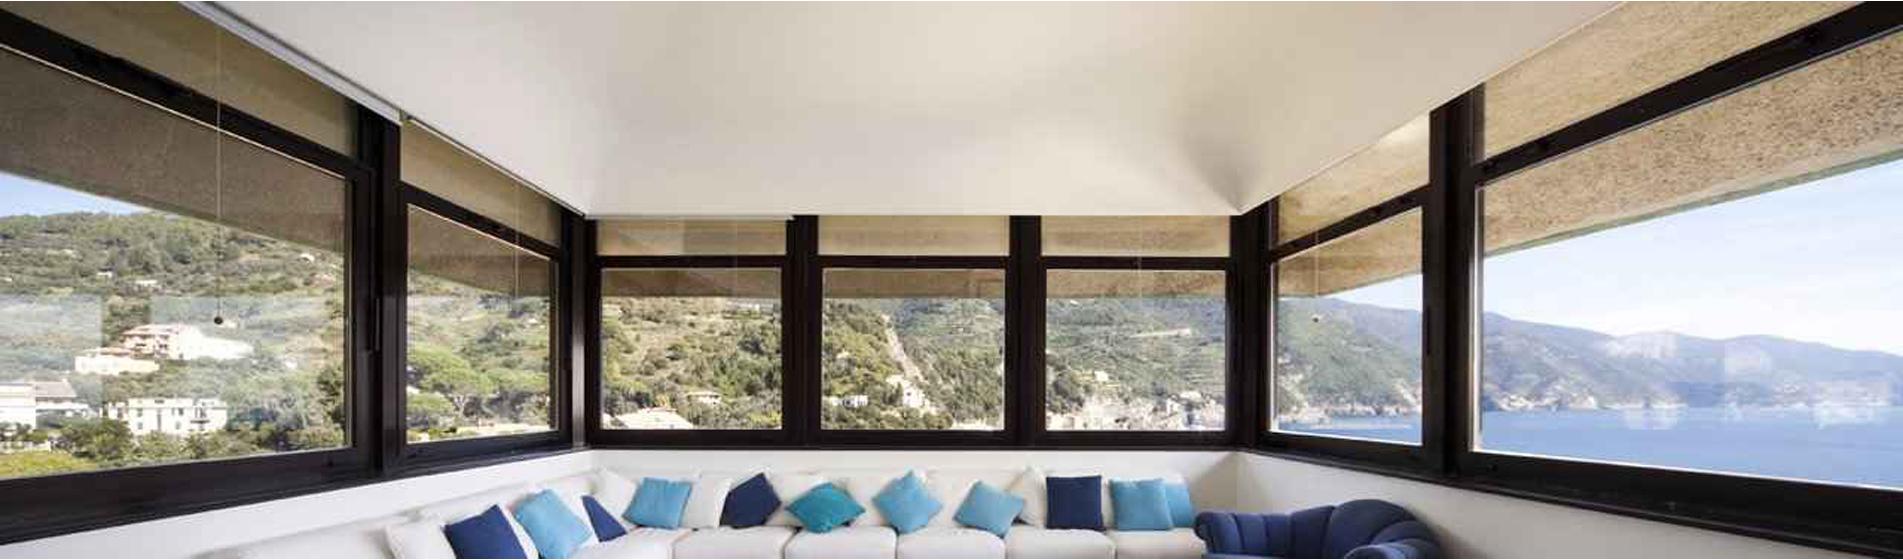 rénovation baie vitrée alu 30 Gard